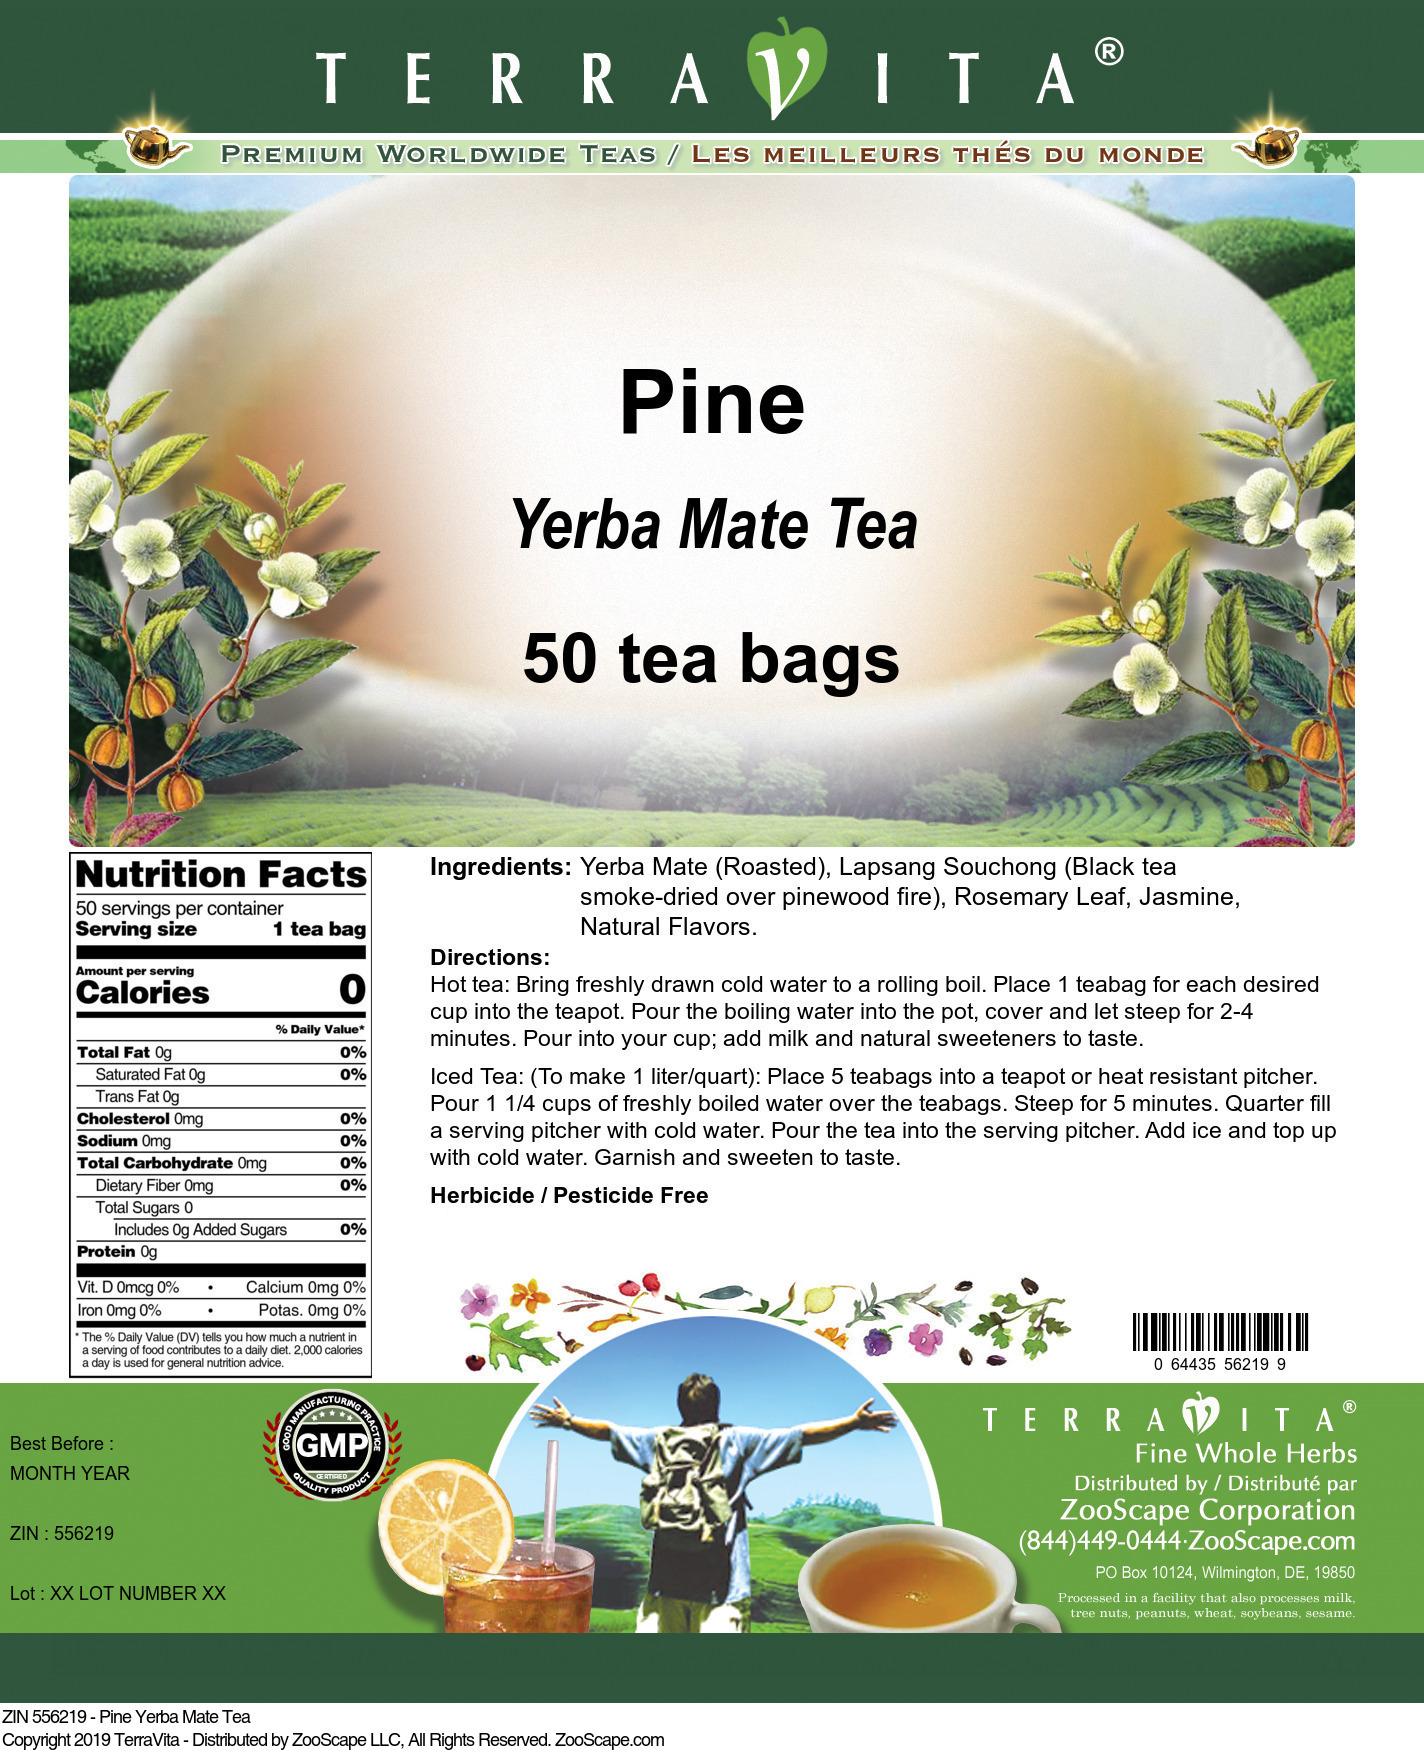 Pine Yerba Mate